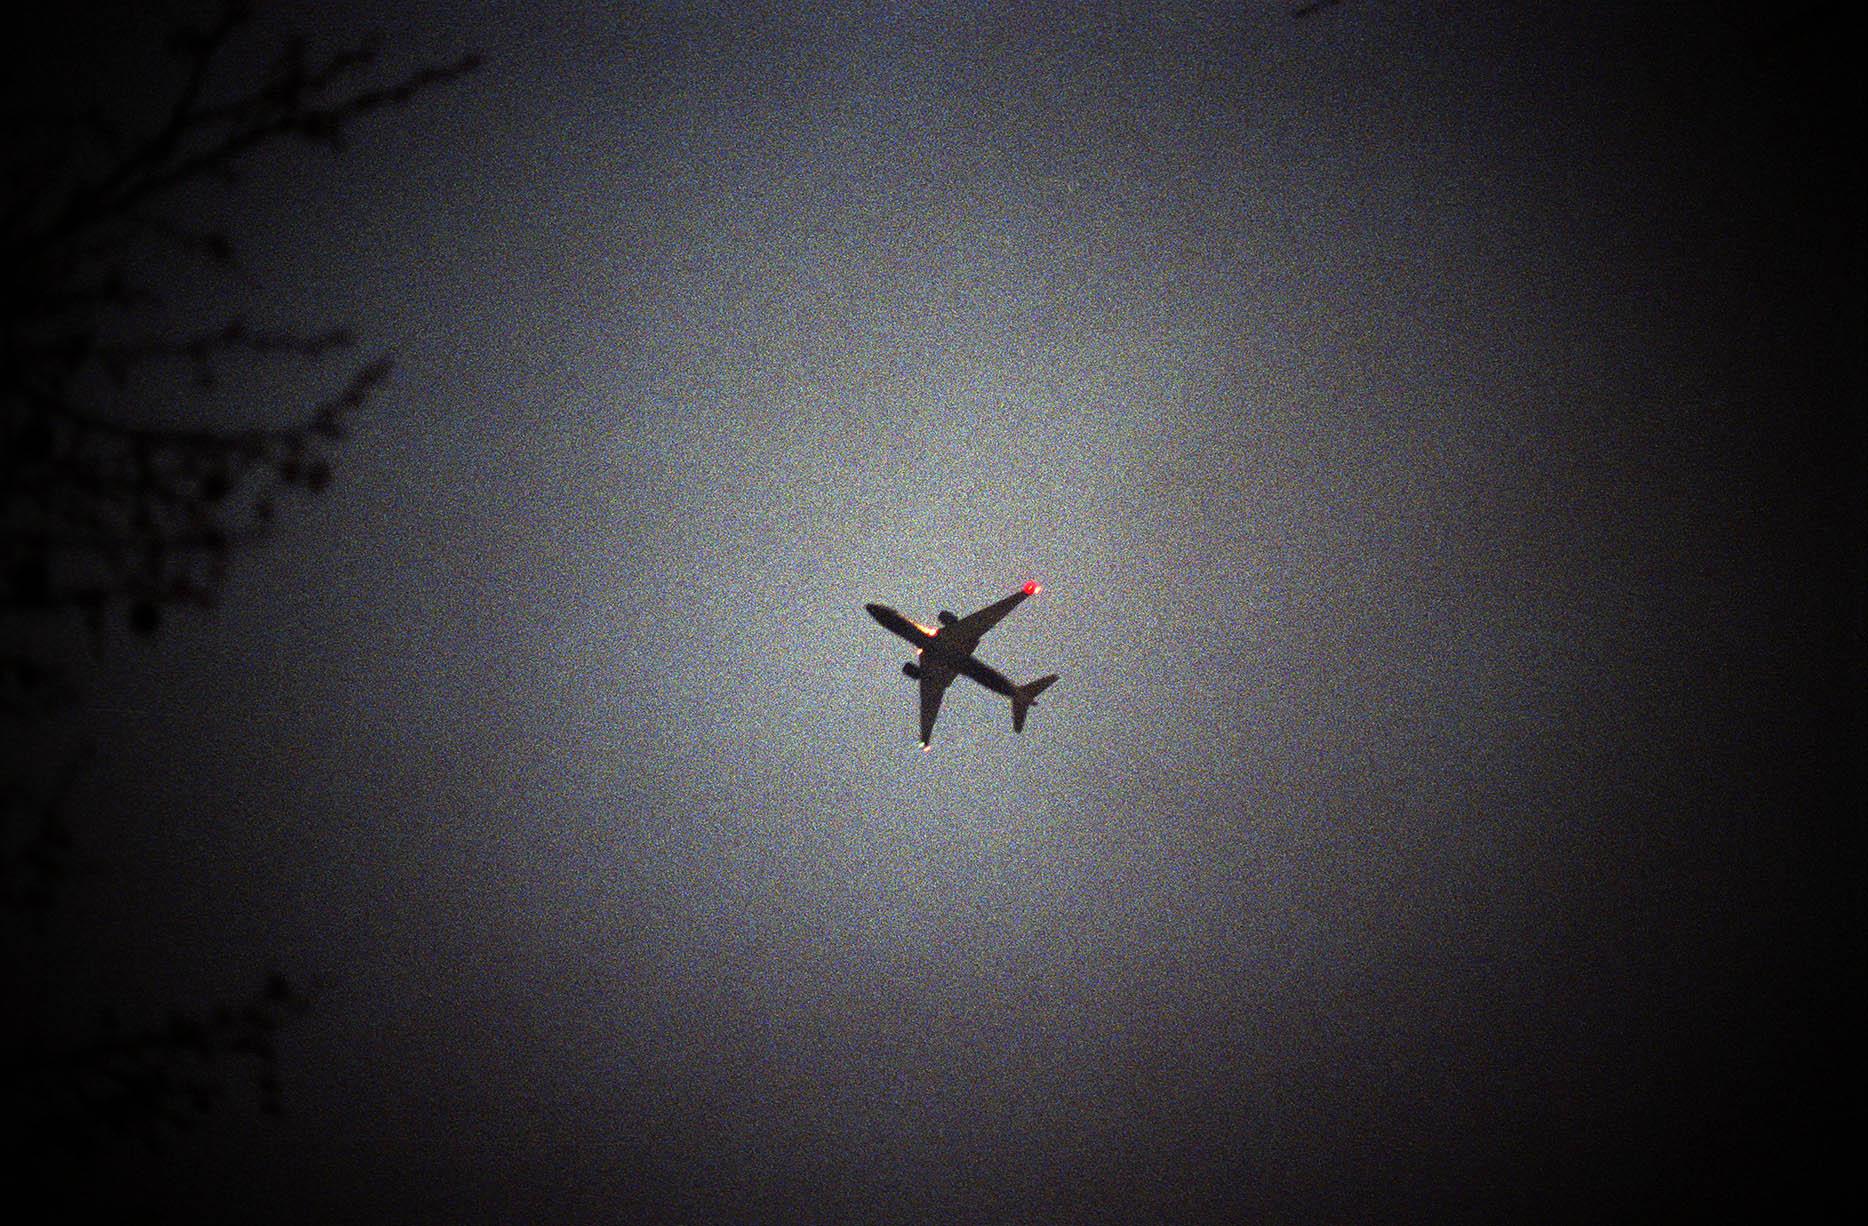 plane_low.jpg